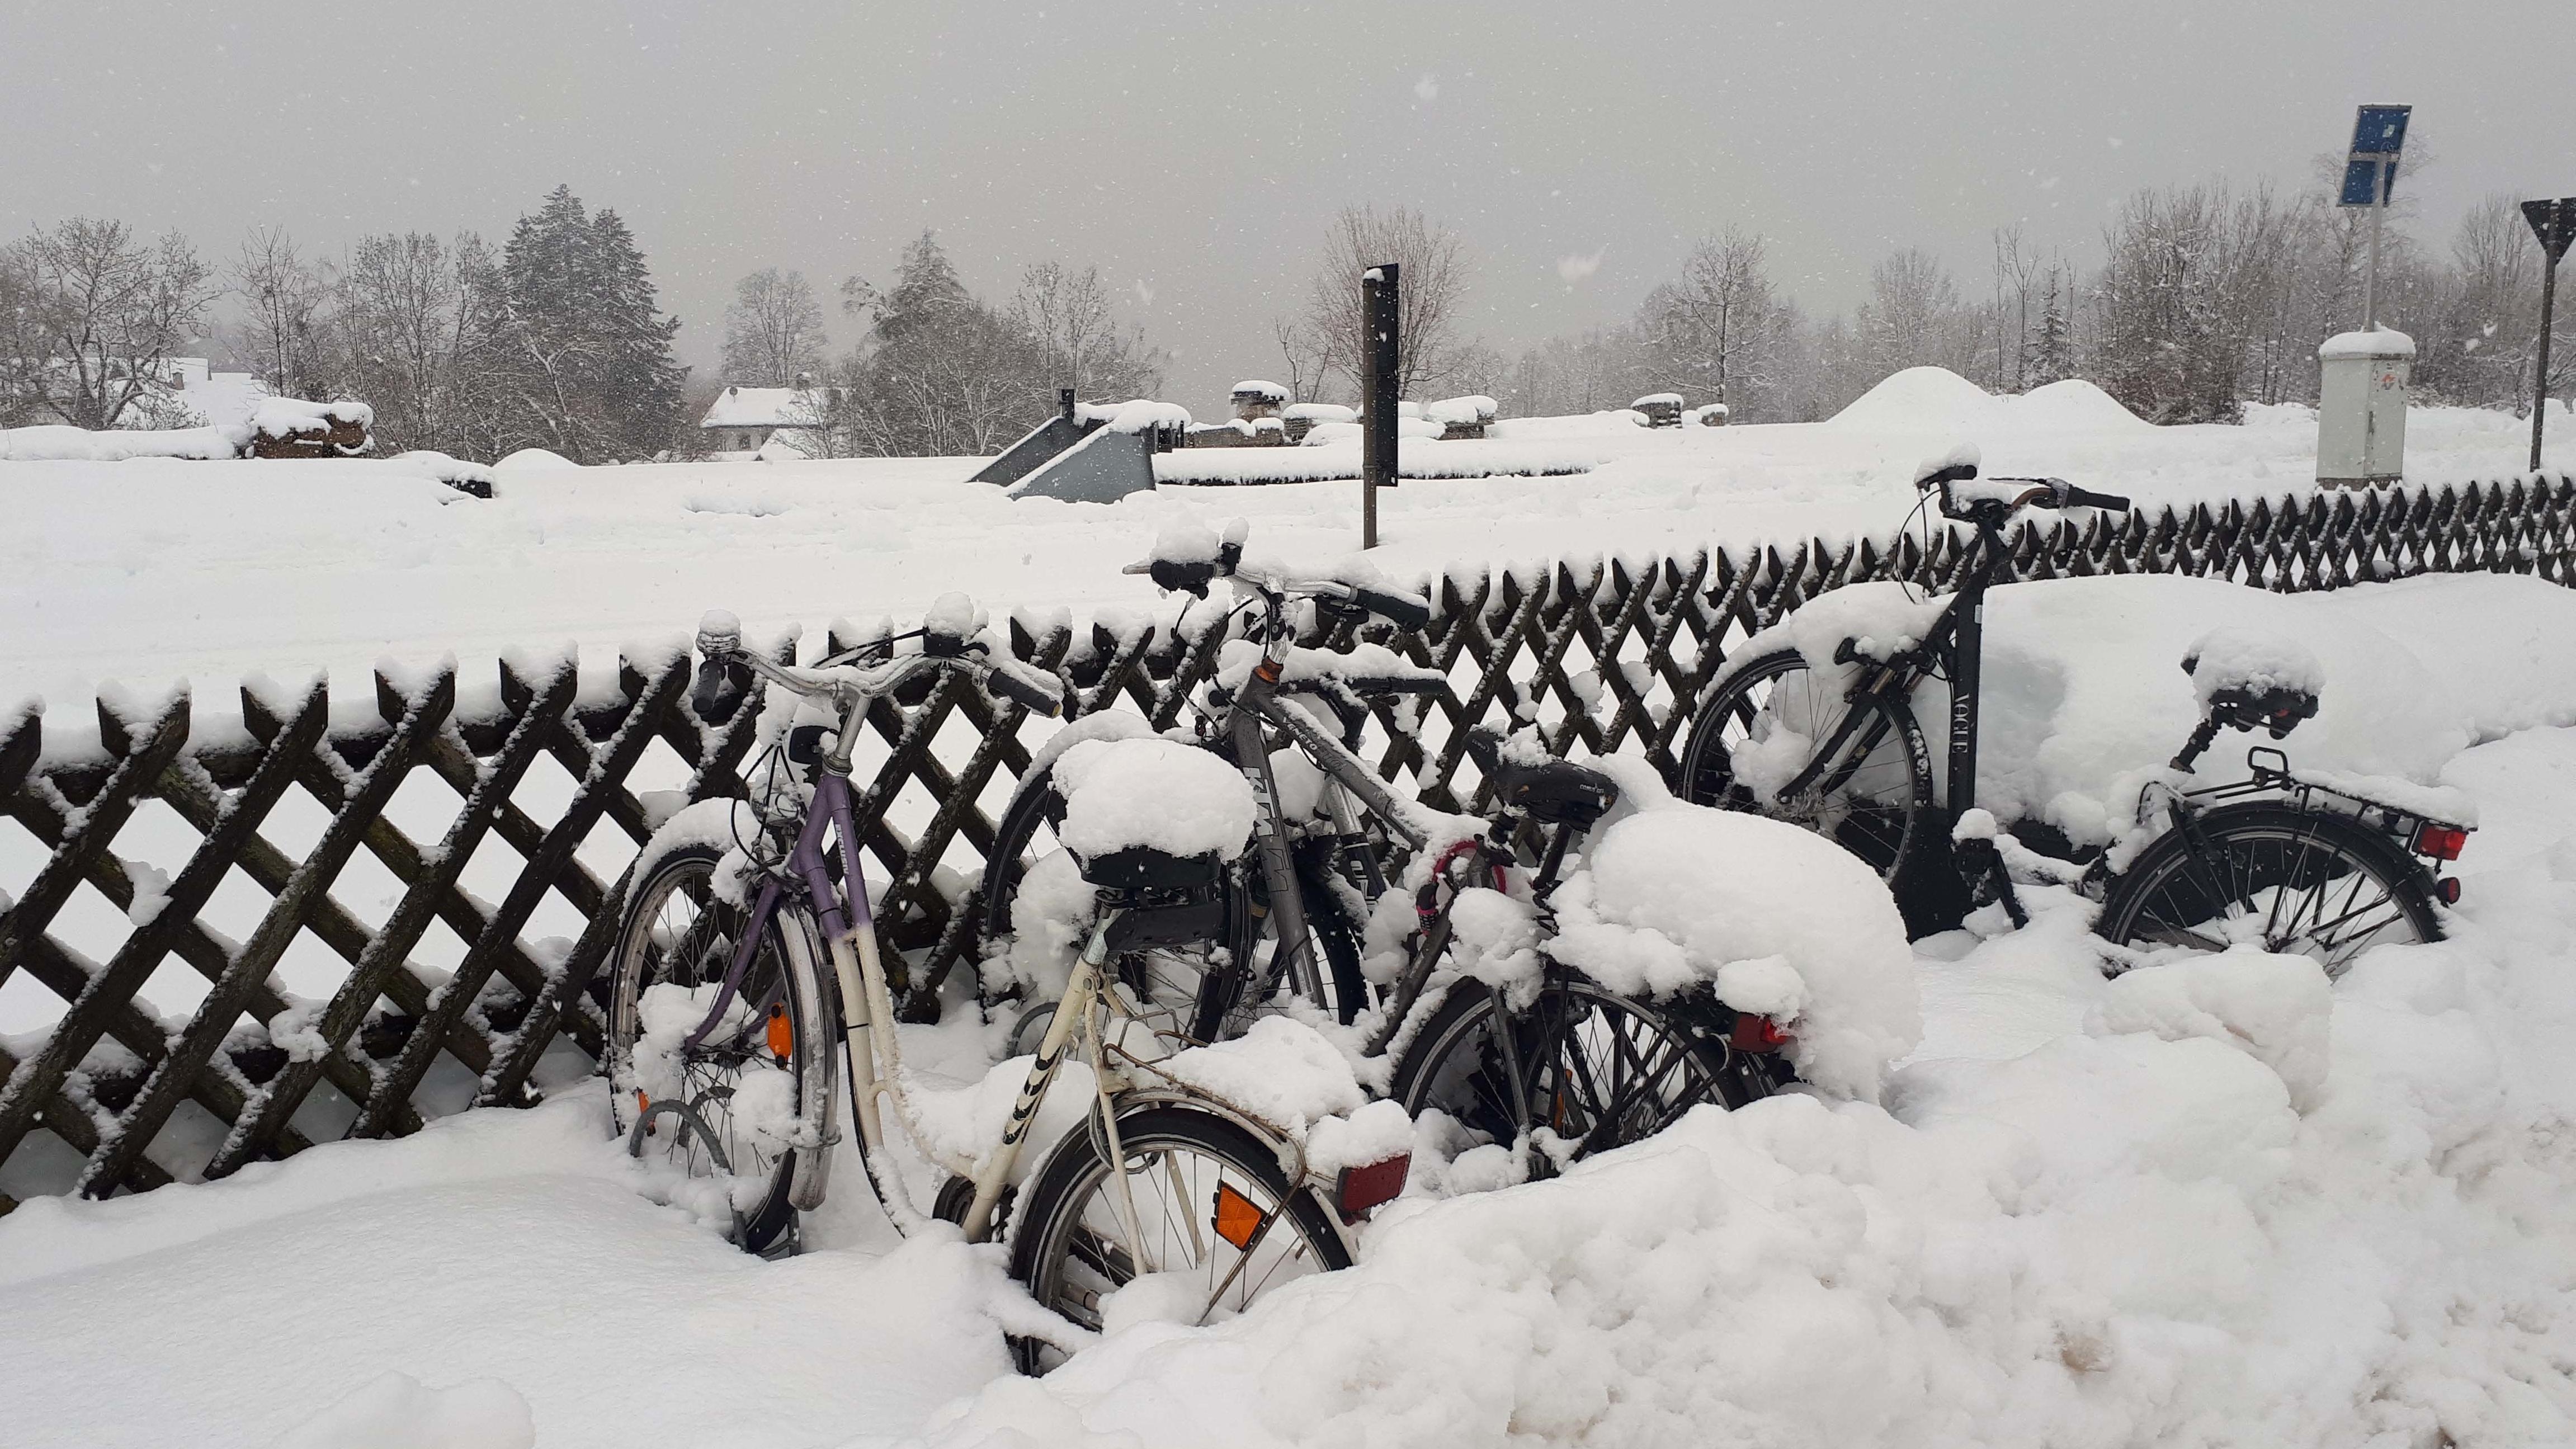 Zu viel Schnee: Hier fällt am Mittwoch in Bayern die Schule aus